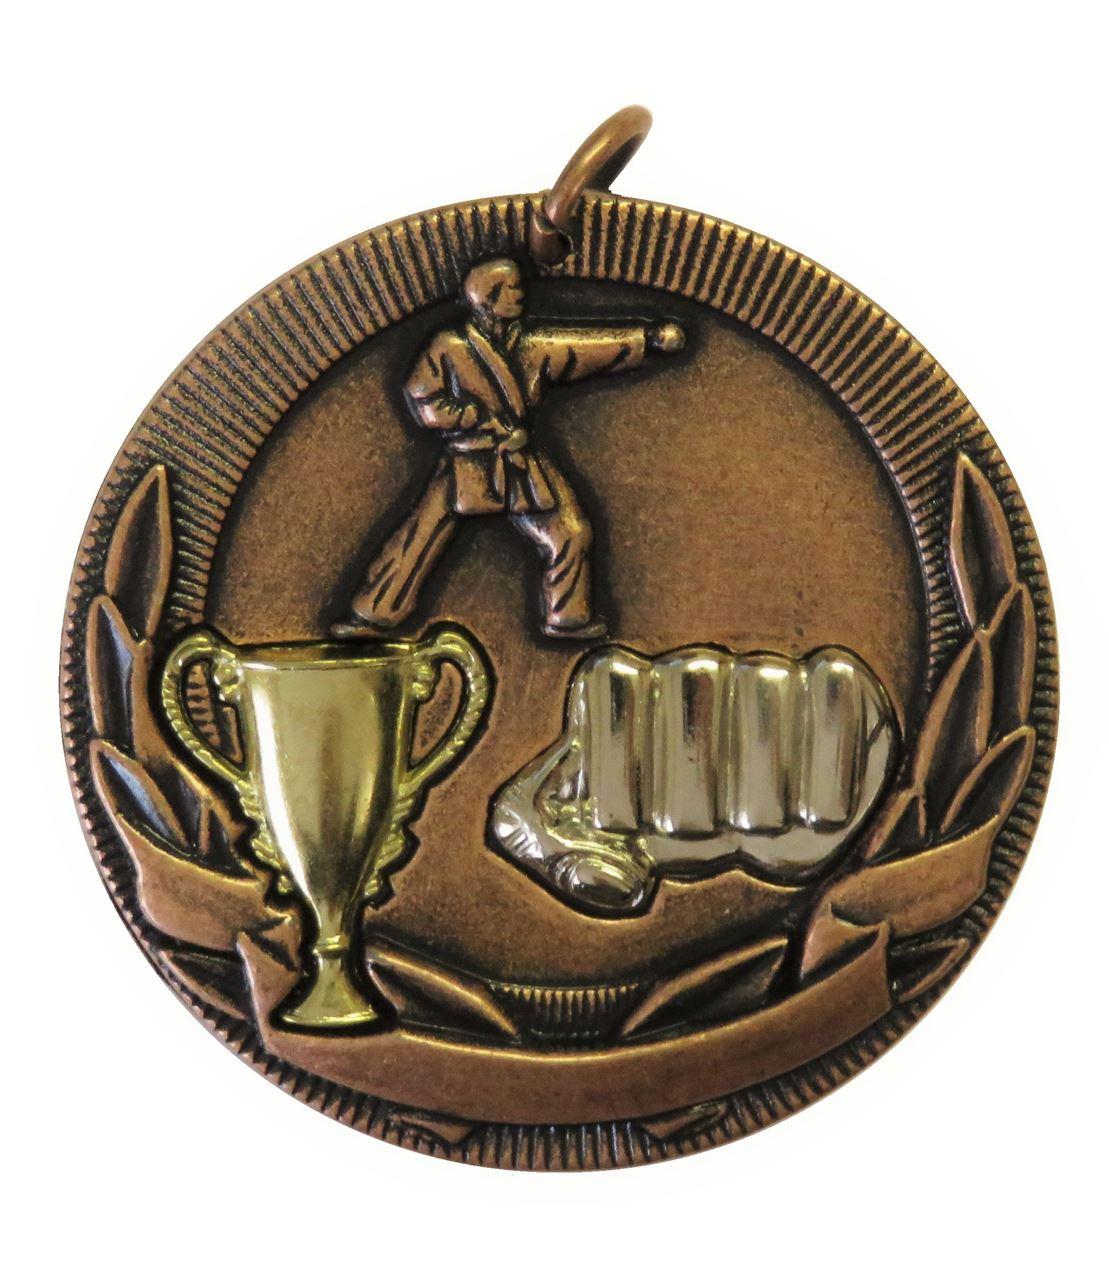 Copper Cup Design Karate Medal (size: 50mm) - D3KT